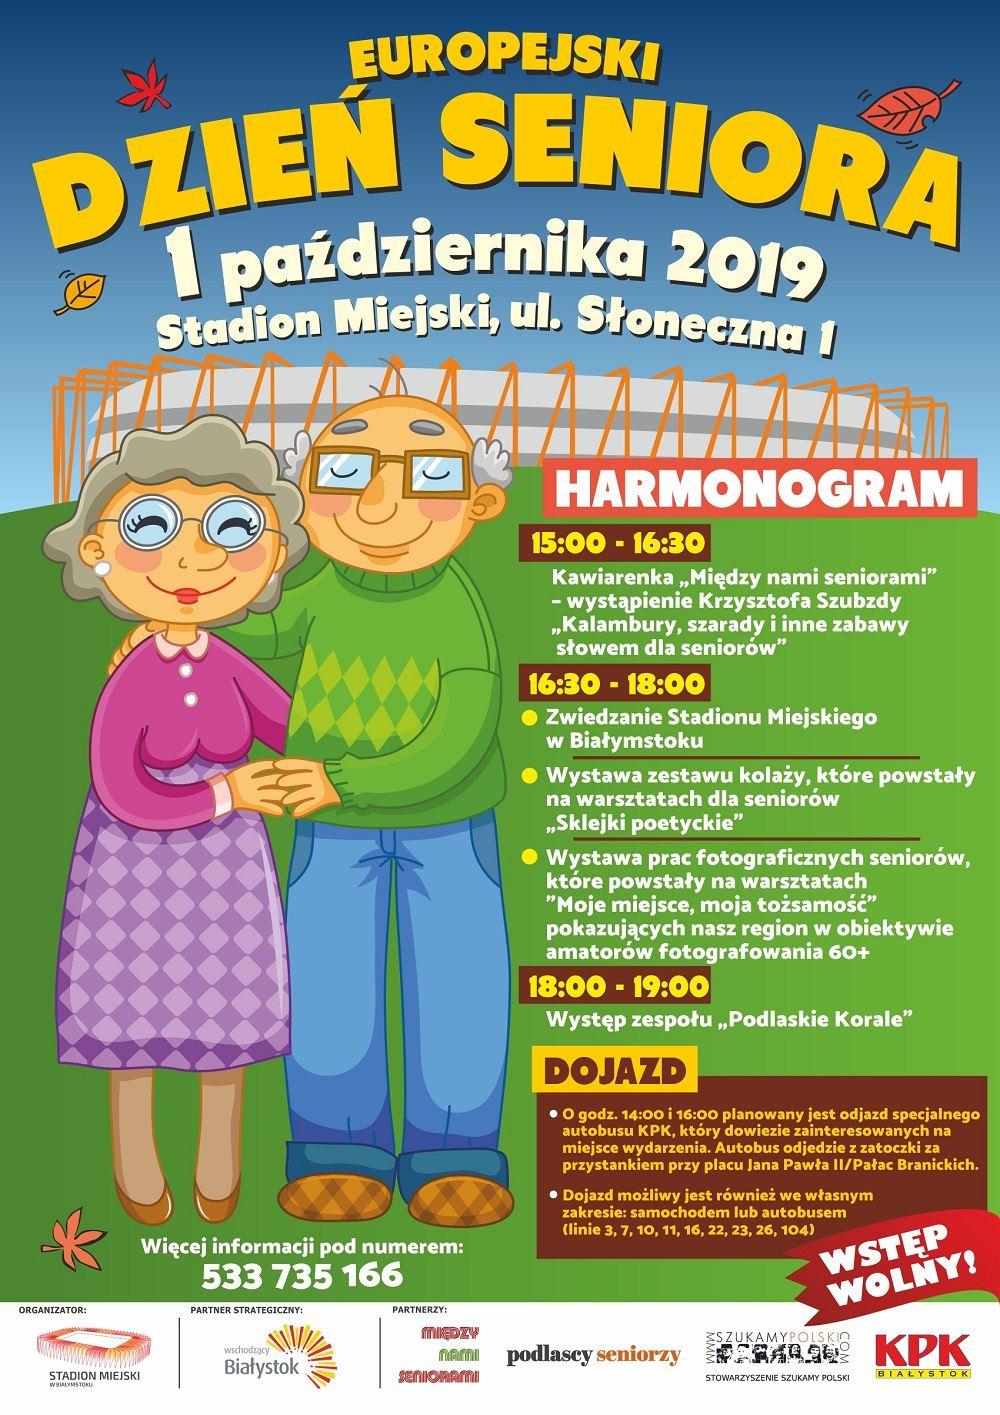 Europejski Dzień Seniora – 1 października